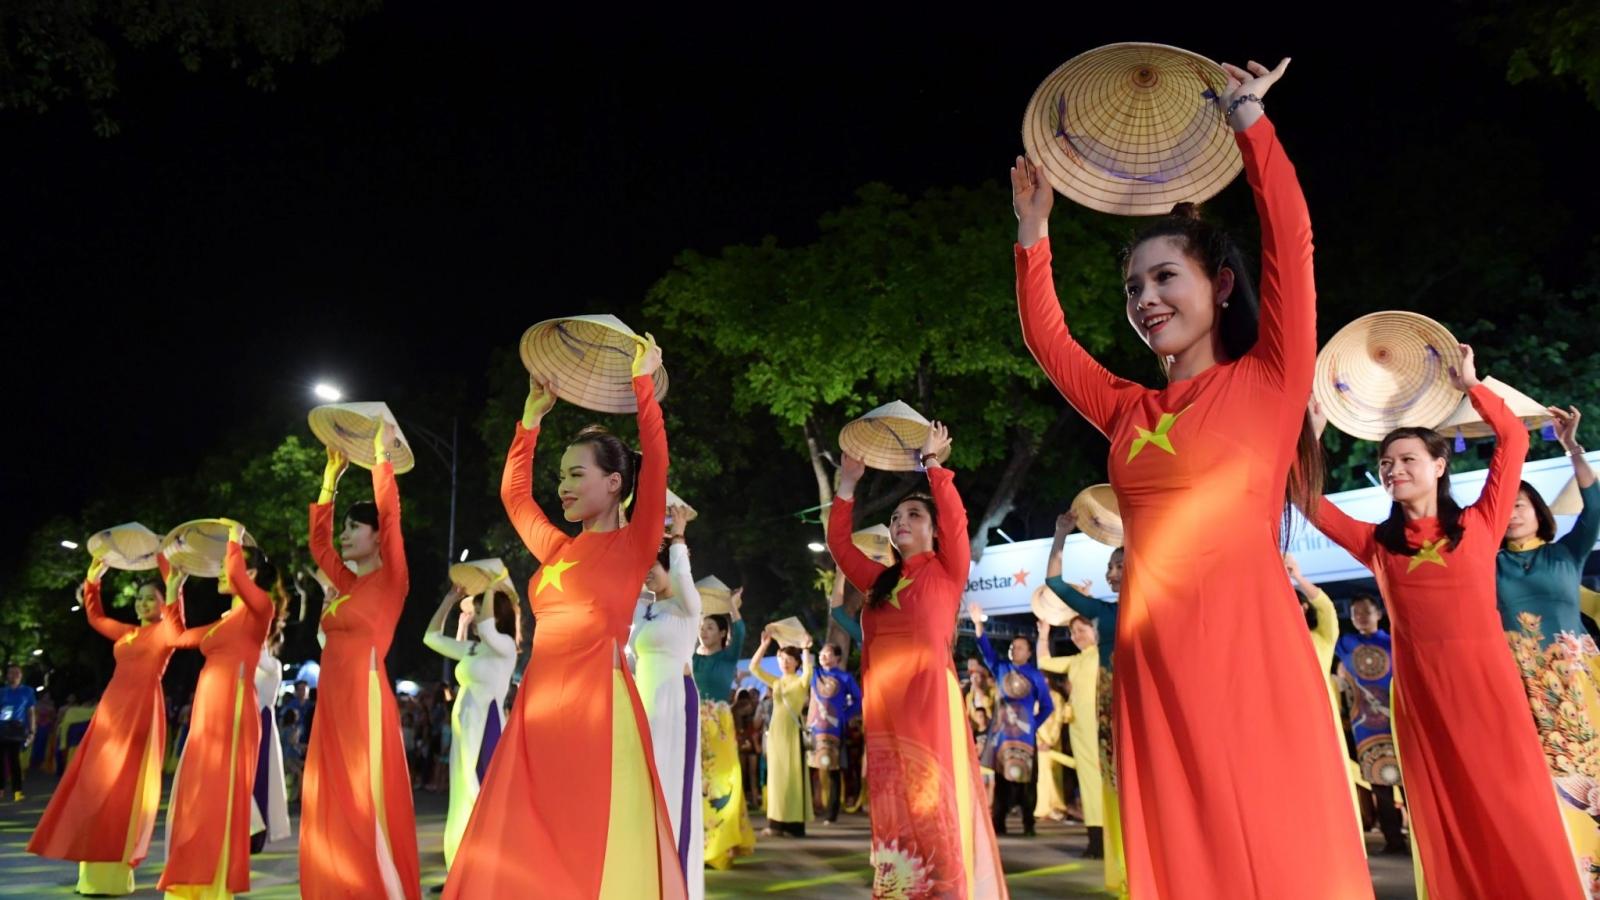 """Tưng bừng lễ hội đường phố """"Hà Nội - điểm đến xanh"""" tại Hồ Gươm"""